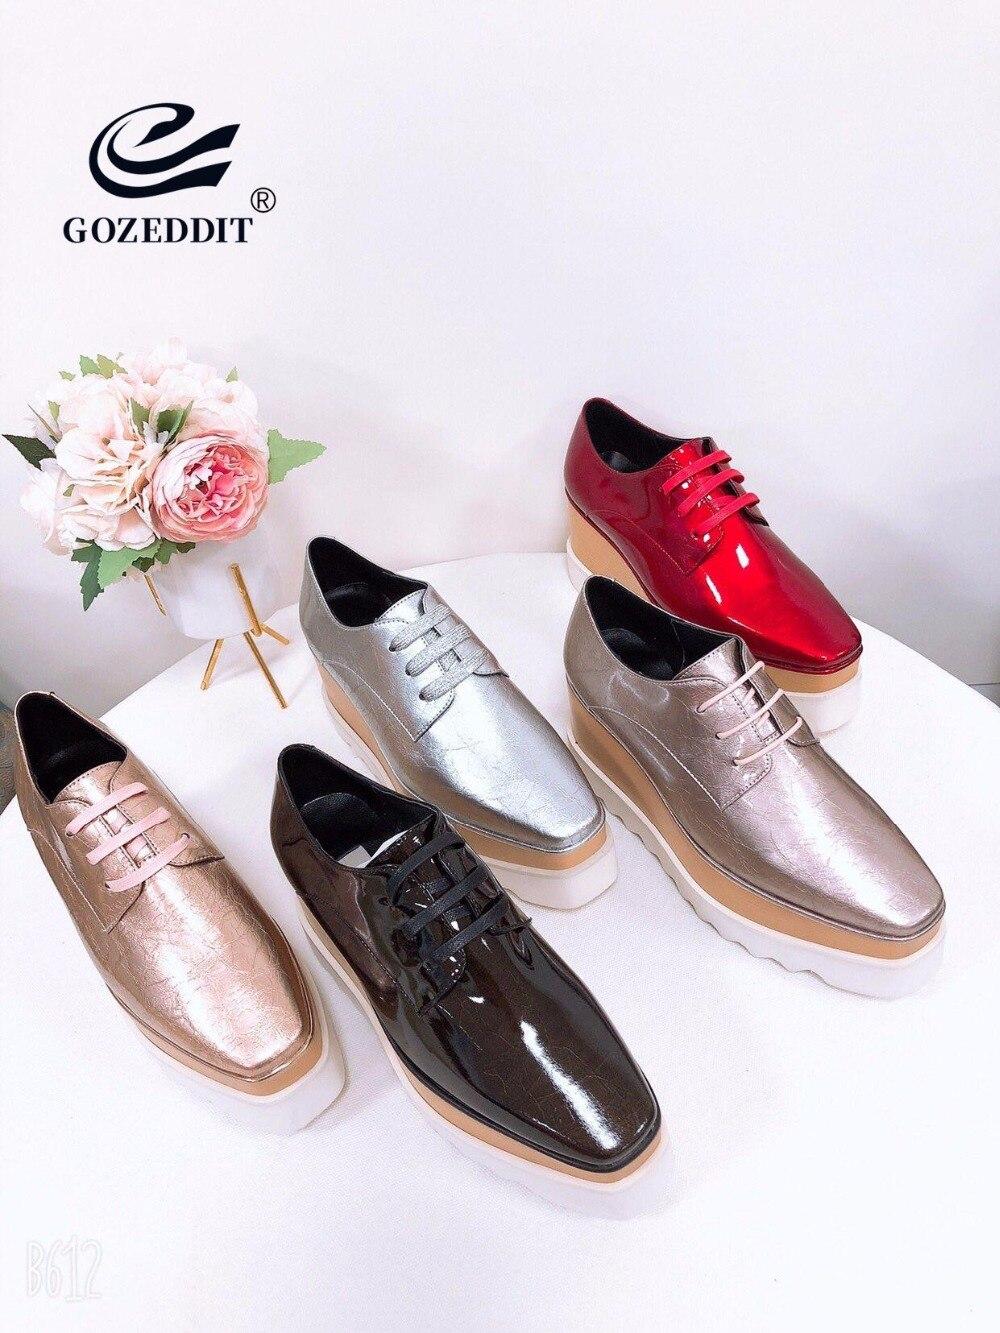 GOZEDDIT mode chaussures à semelles compensées en cuir à lacets baskets femmes chaussures décontractées 8 cm talons